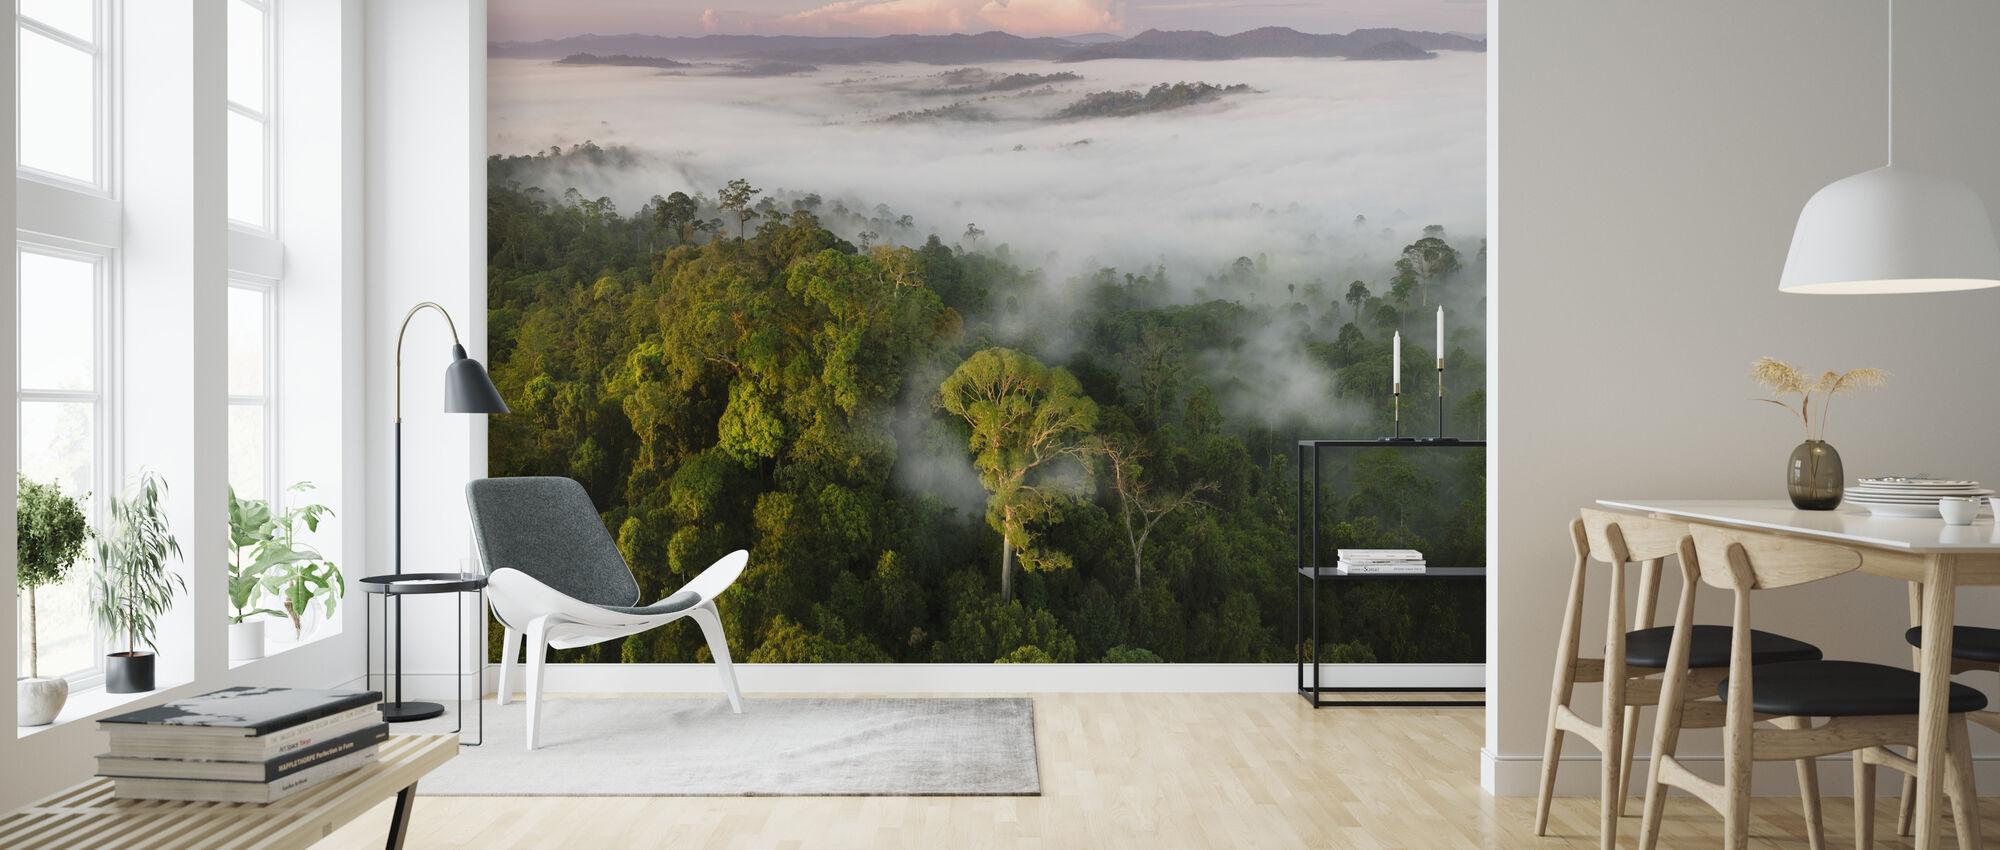 Lowland Rainforest Mist - Wallpaper - Living Room